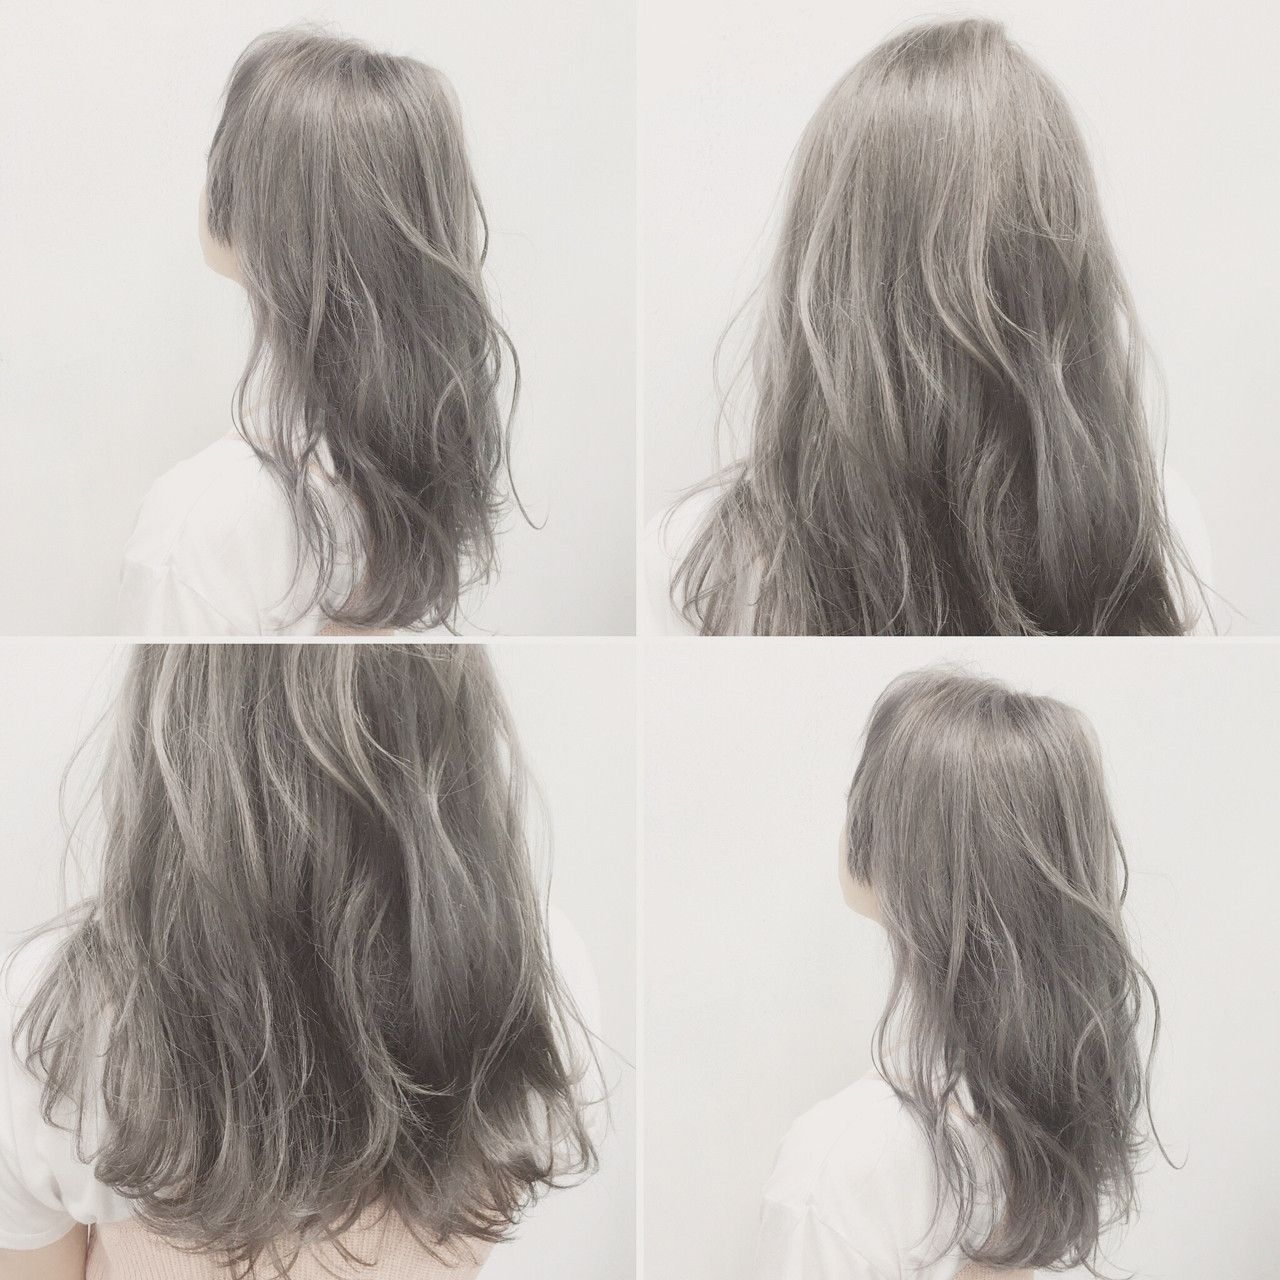 グレーのヘアカラーが引き出す垢抜け感 欲しいのはツヤと透明感 Mery メリー 髪 カラー ヘアカラー 髪 色